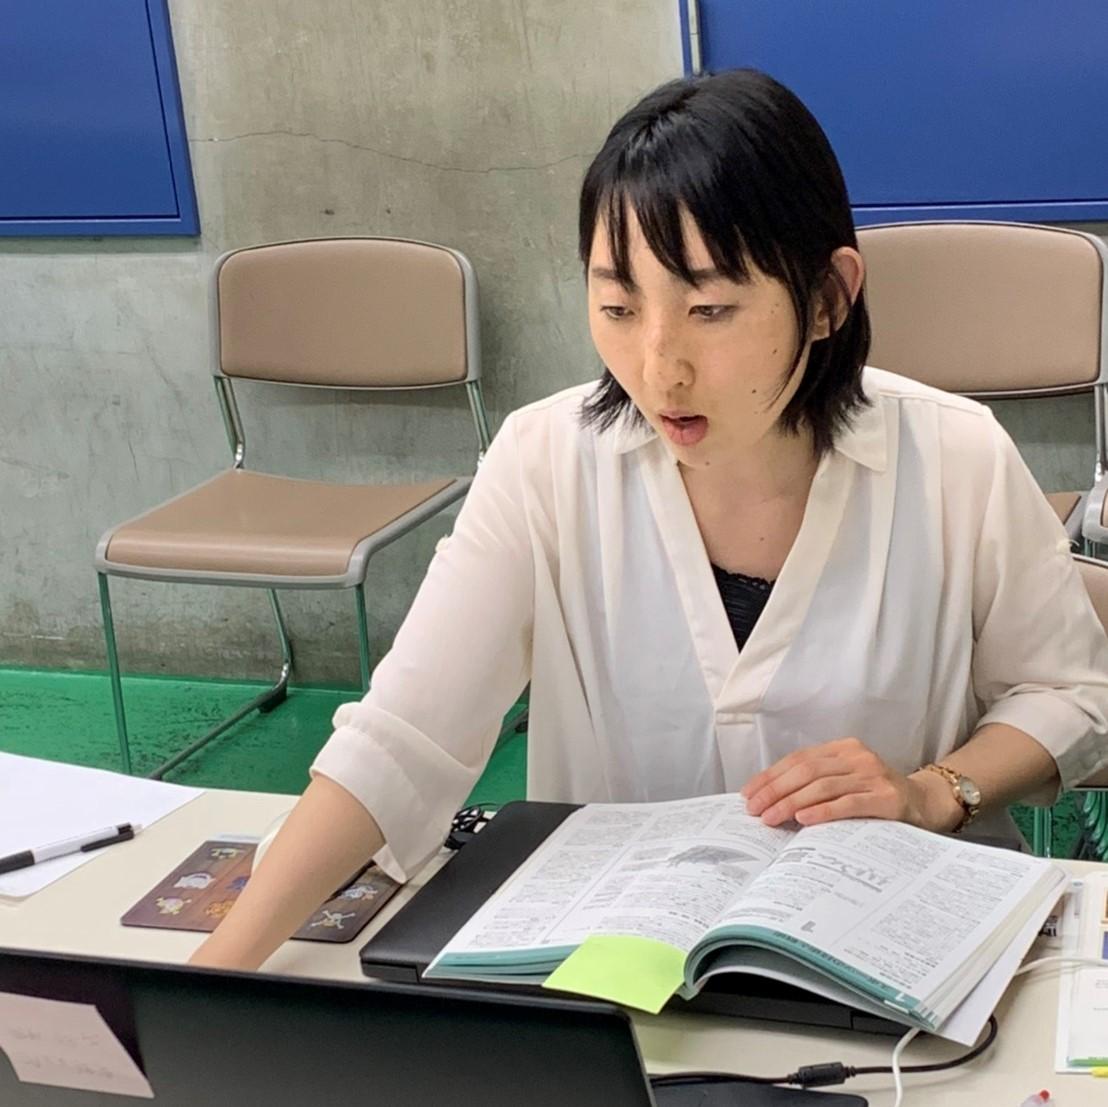 http://www.e-taishin.com/feature/img/%E9%A0%86%E5%A4%A7.2020.8.1.online.jpg